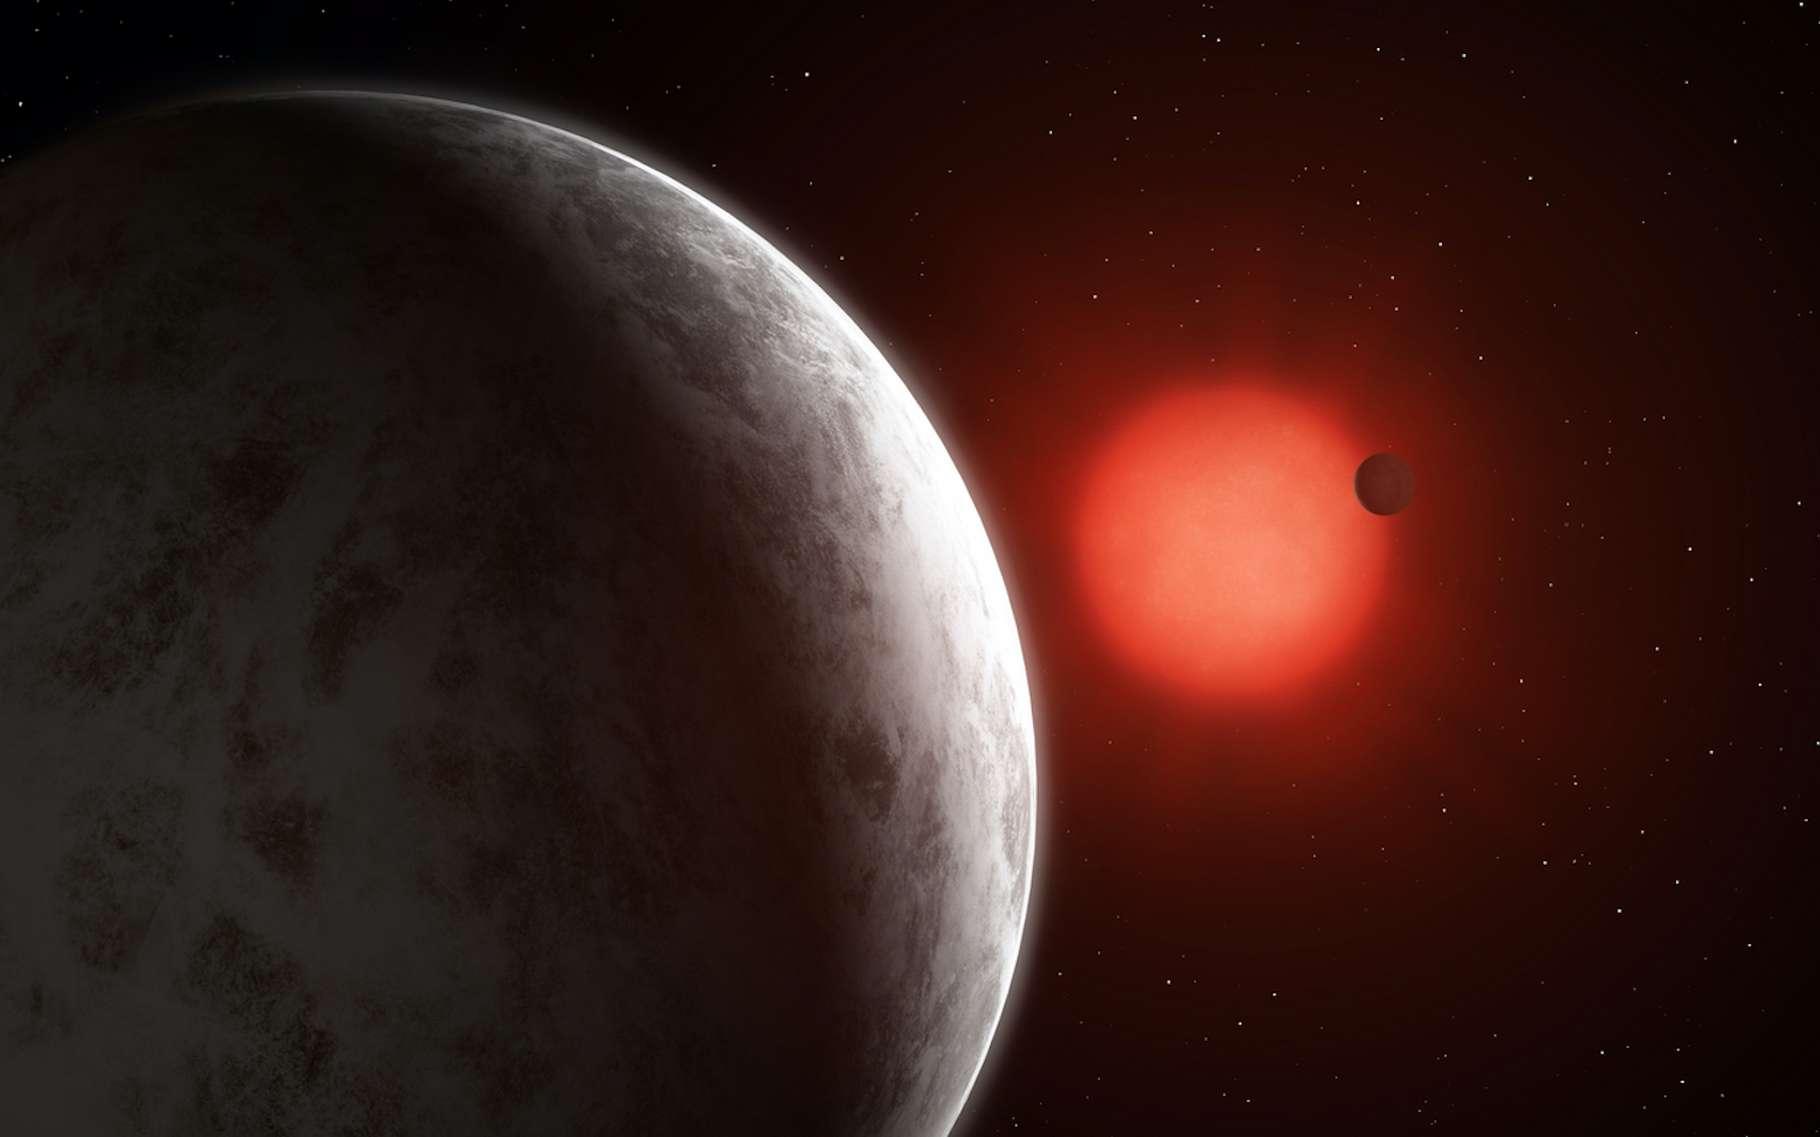 Des astronomes ont découvert deux superterres – ici, en vue d'artiste – autour d'une étoile située à seulement 11 années-lumière de notre Système solaire. © Mark Garlick, Université de Götingen